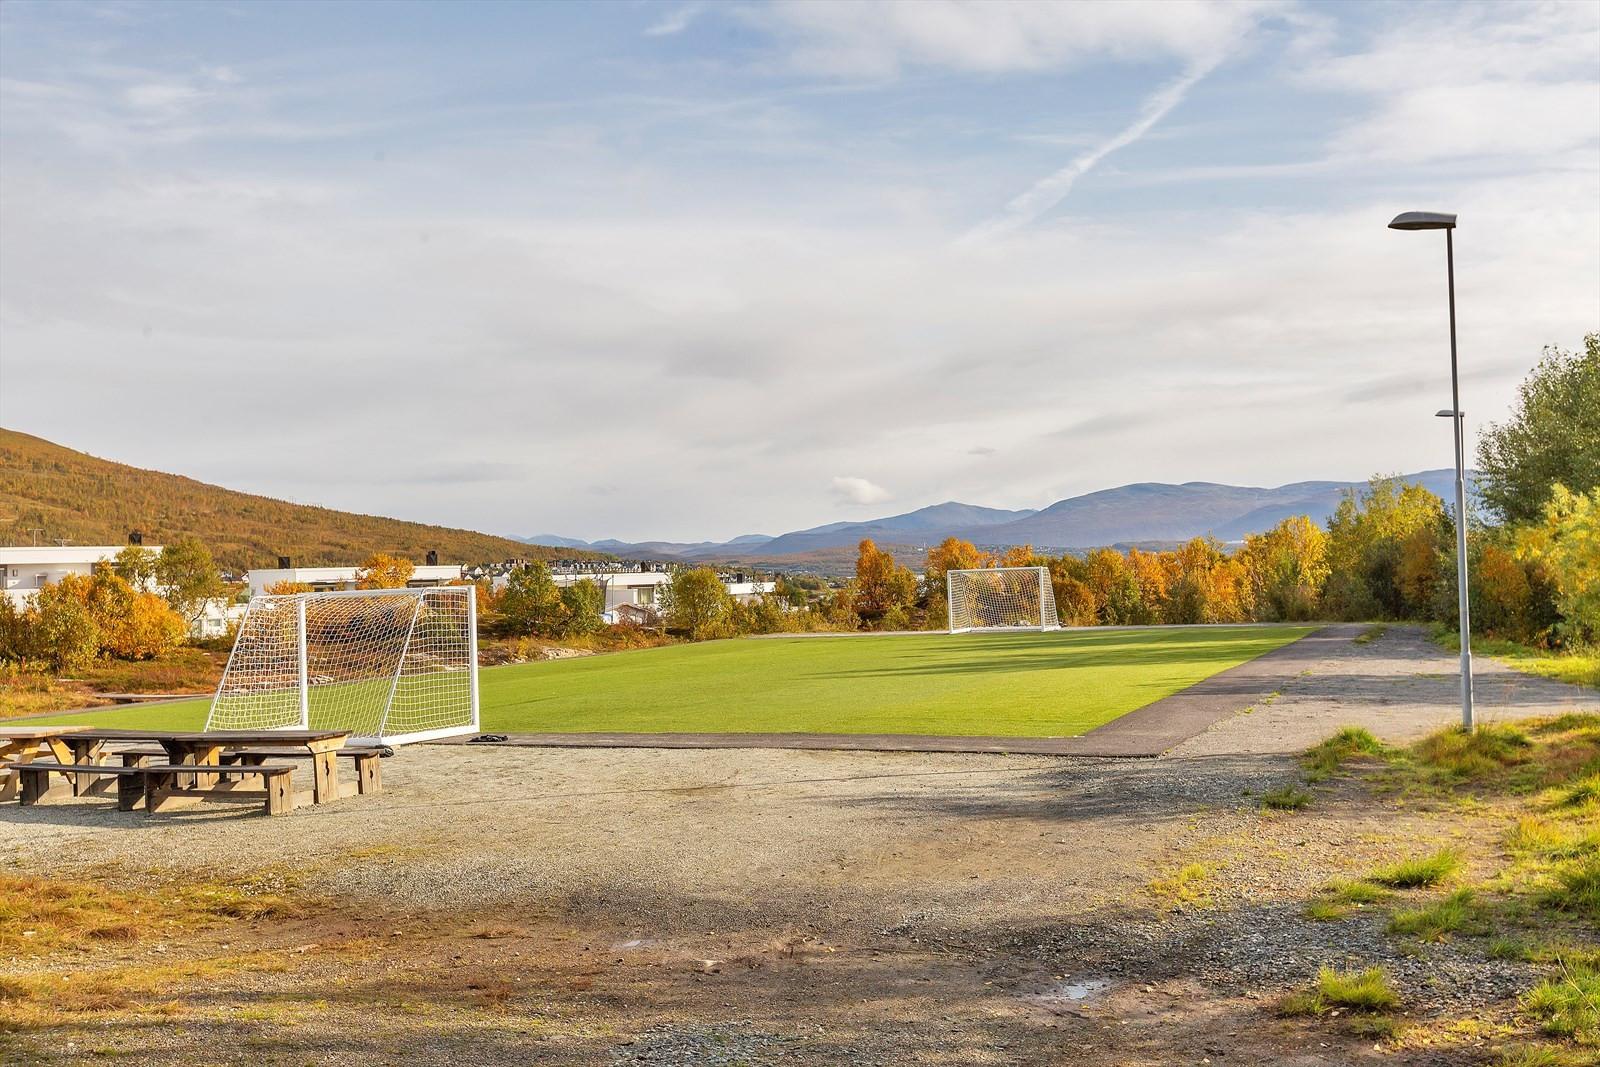 Fotball løkke like i nærheten.